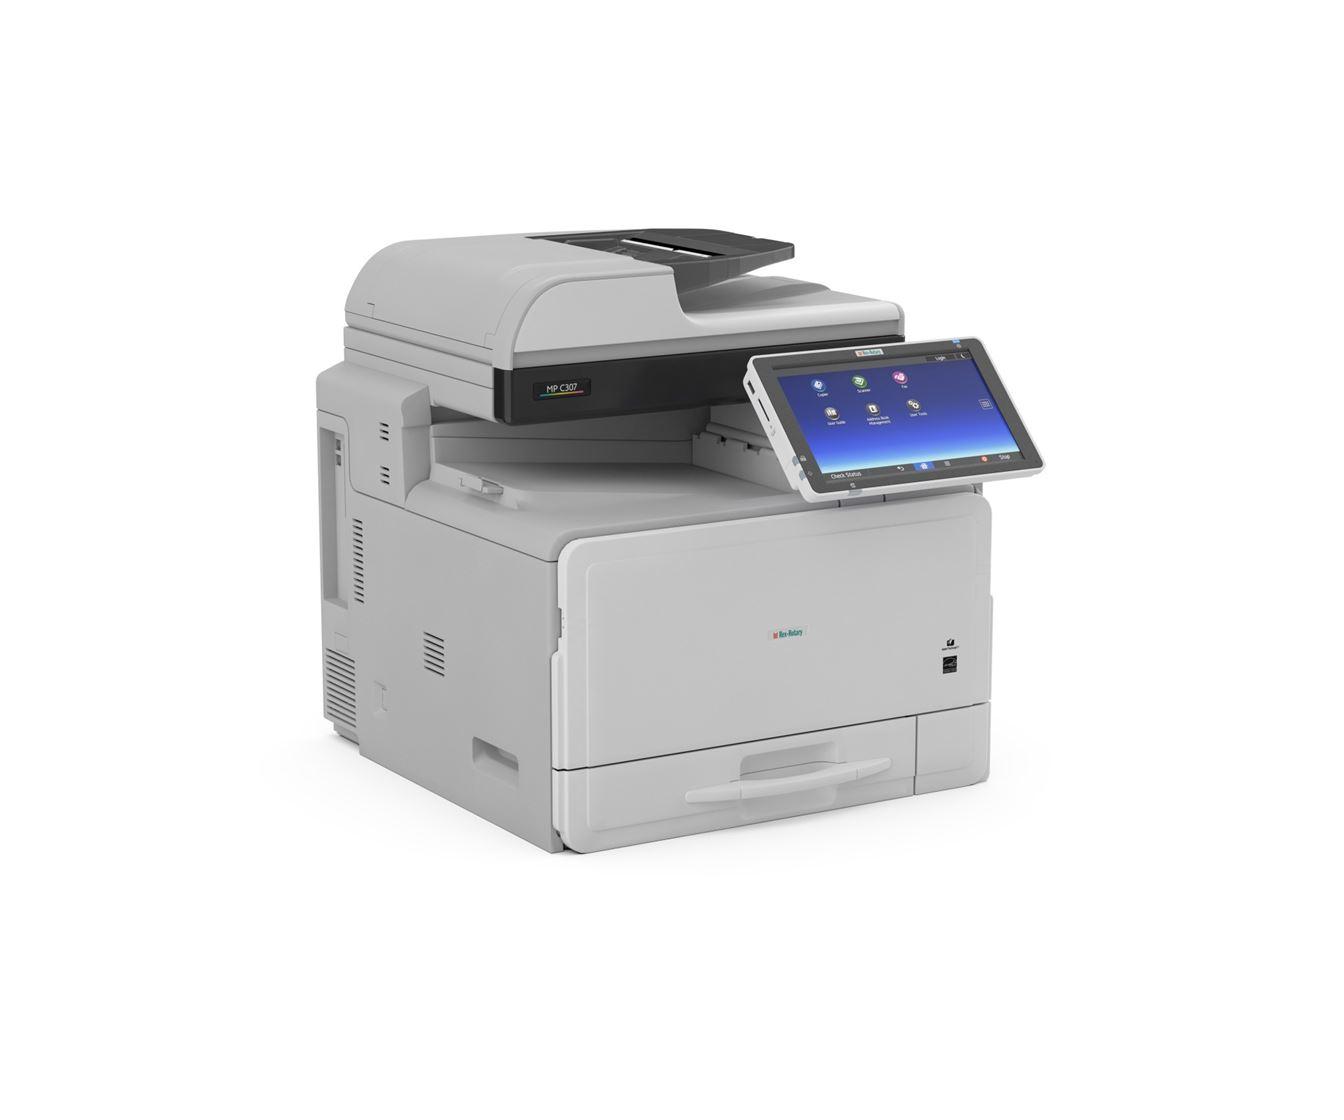 La solución más productiva y rentable con la impresora multifunción a color  MP C307SPF